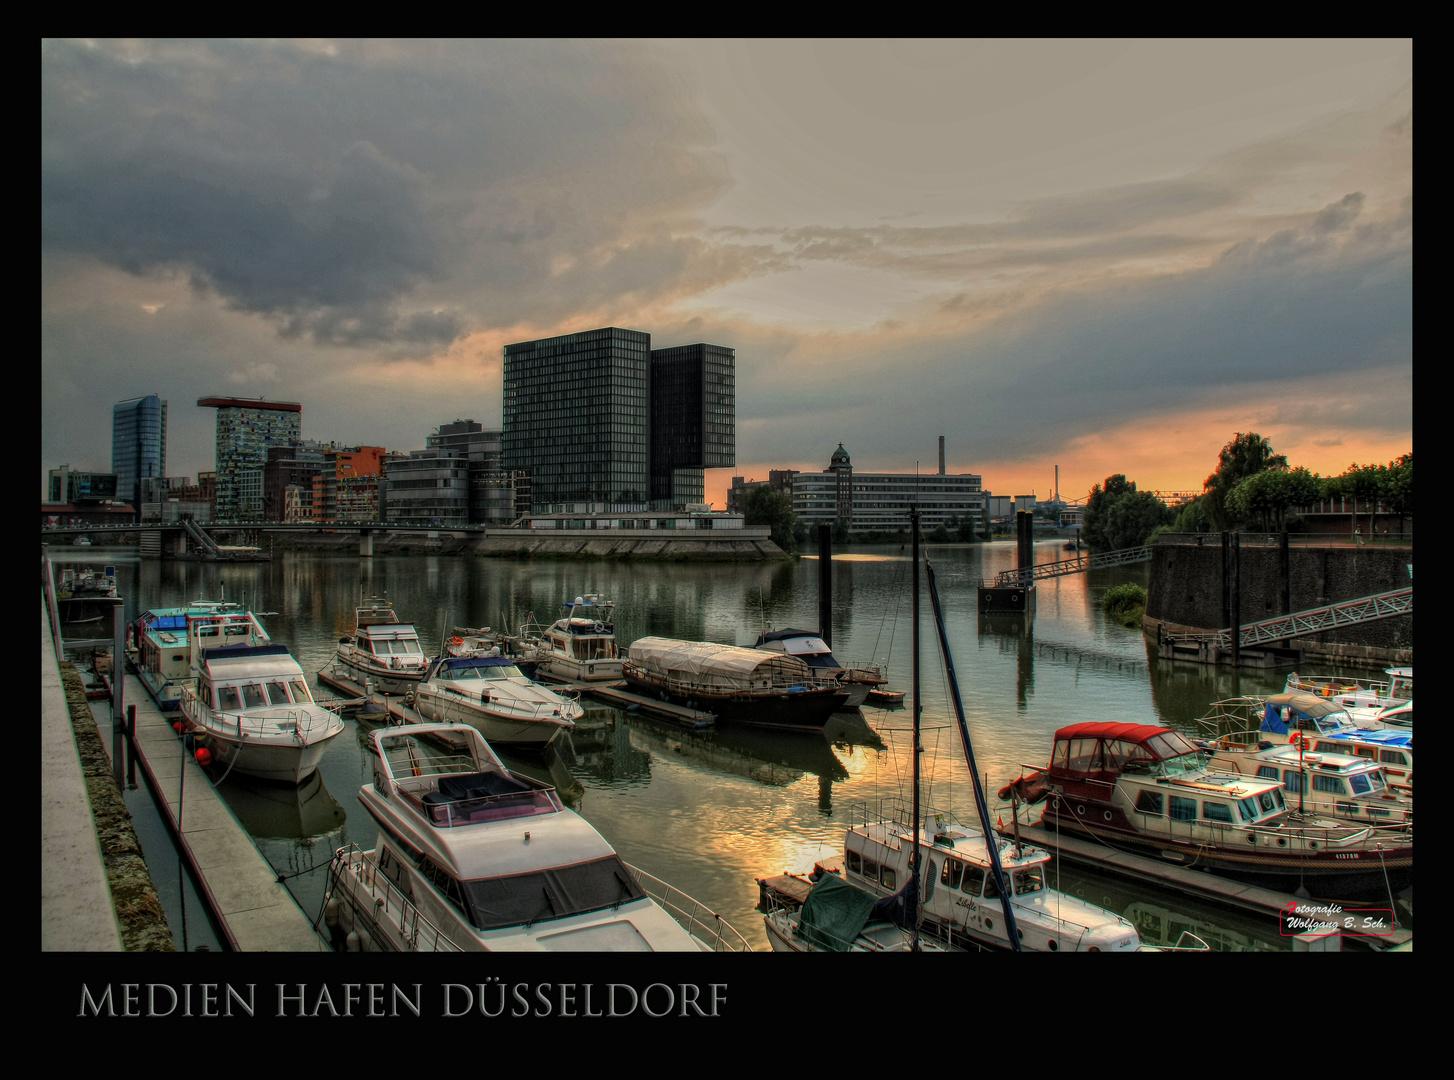 Medien-Hafen Düsseldorf - I